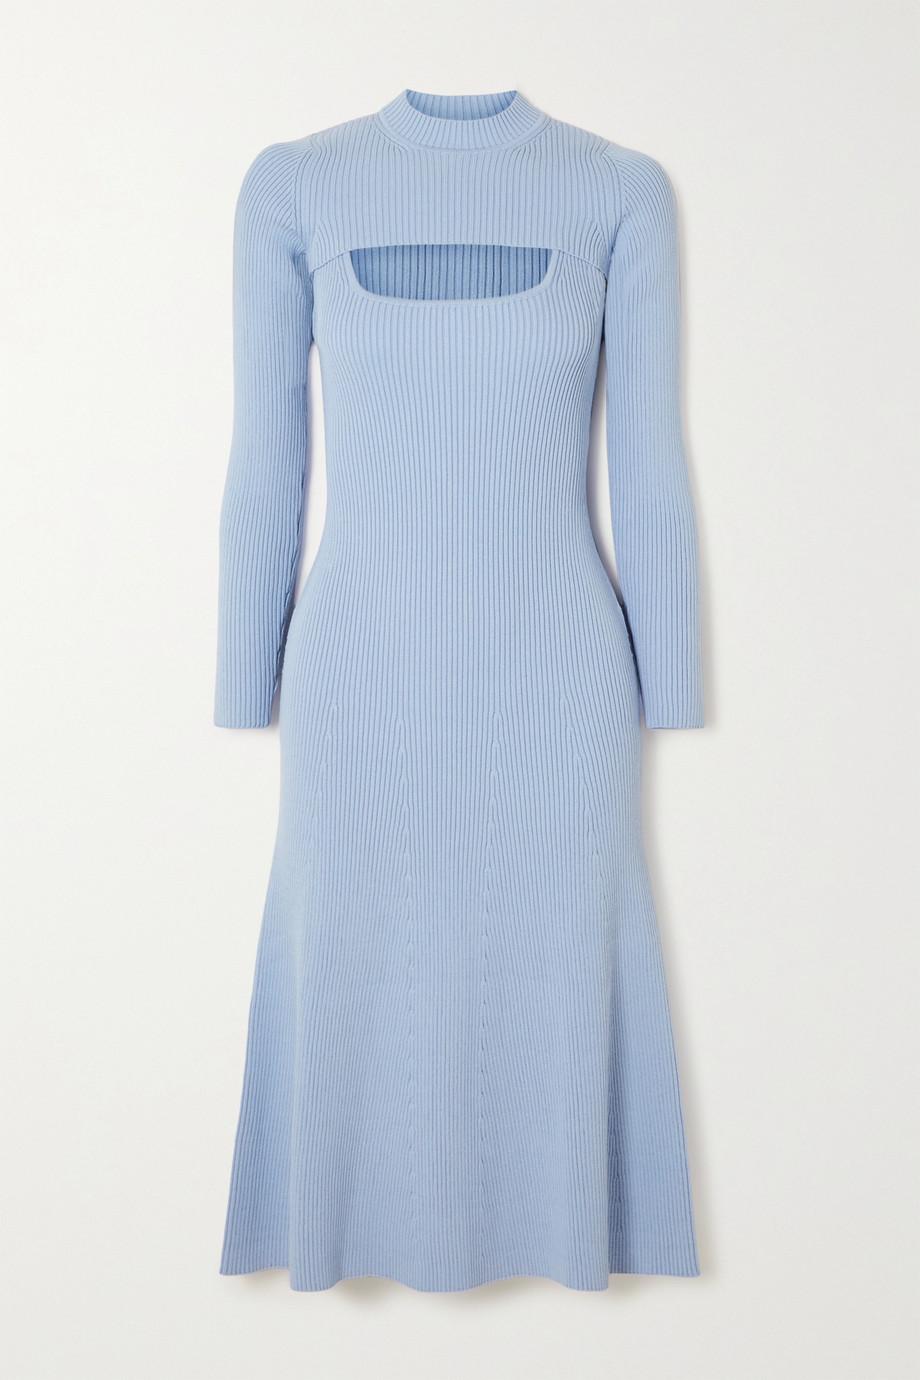 Safiyaa Sabel convertible ribbed-knit midi dress